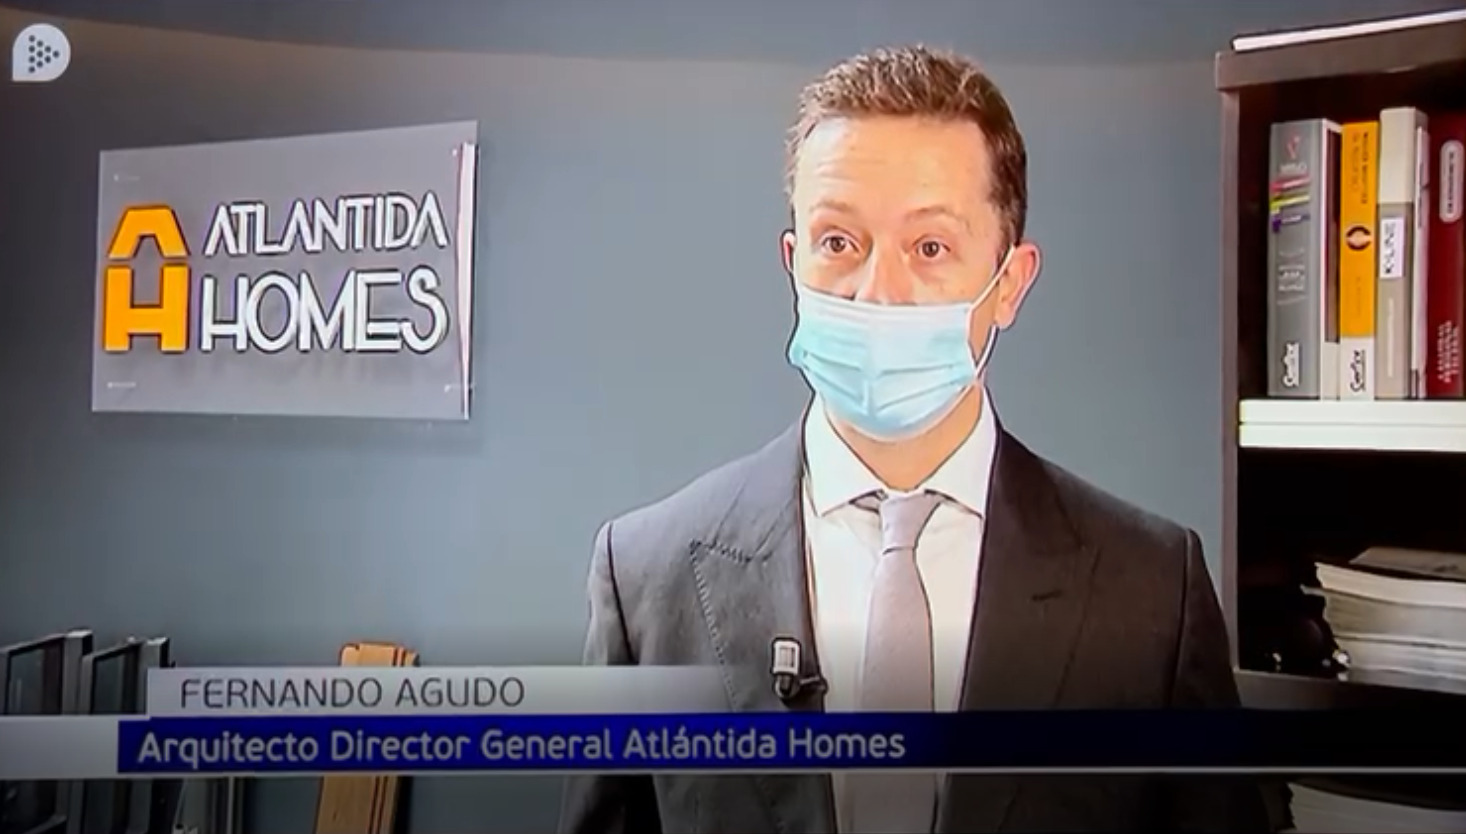 Atlántida HOMES En informativos Telecinco